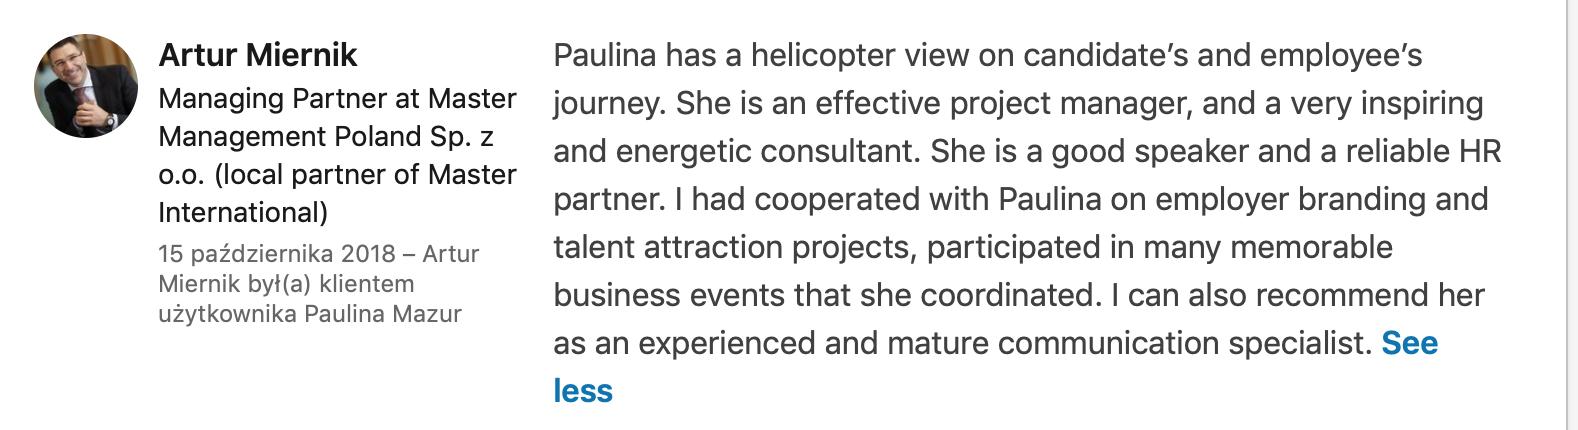 konsultant employer branding Paulina Mazur